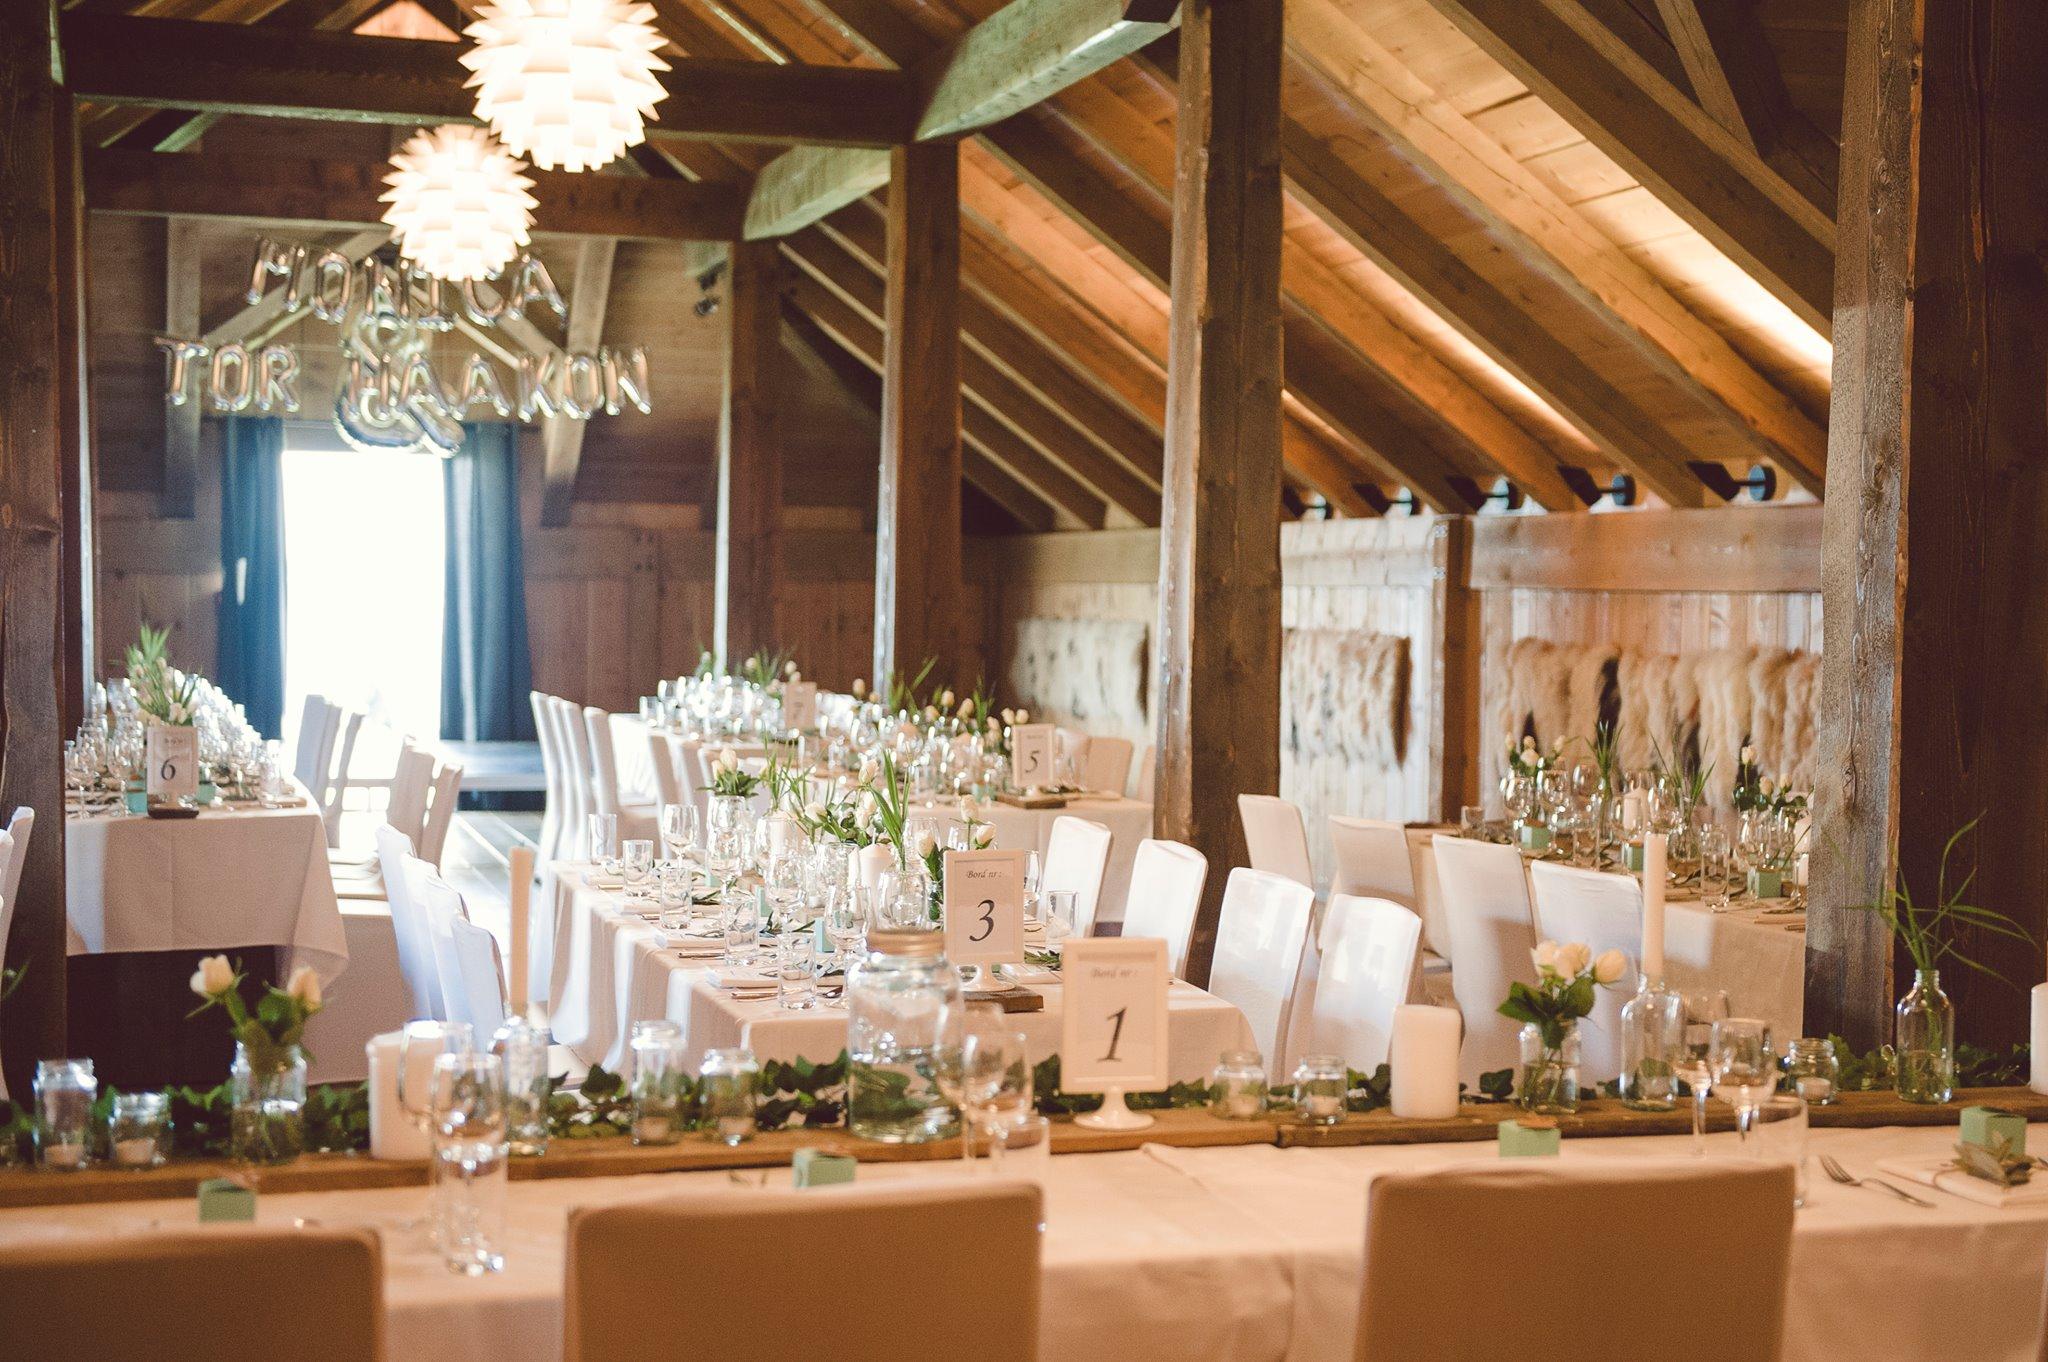 Fotograf-june-haugskott-bryllup-øyna-inderøy (5).jpg